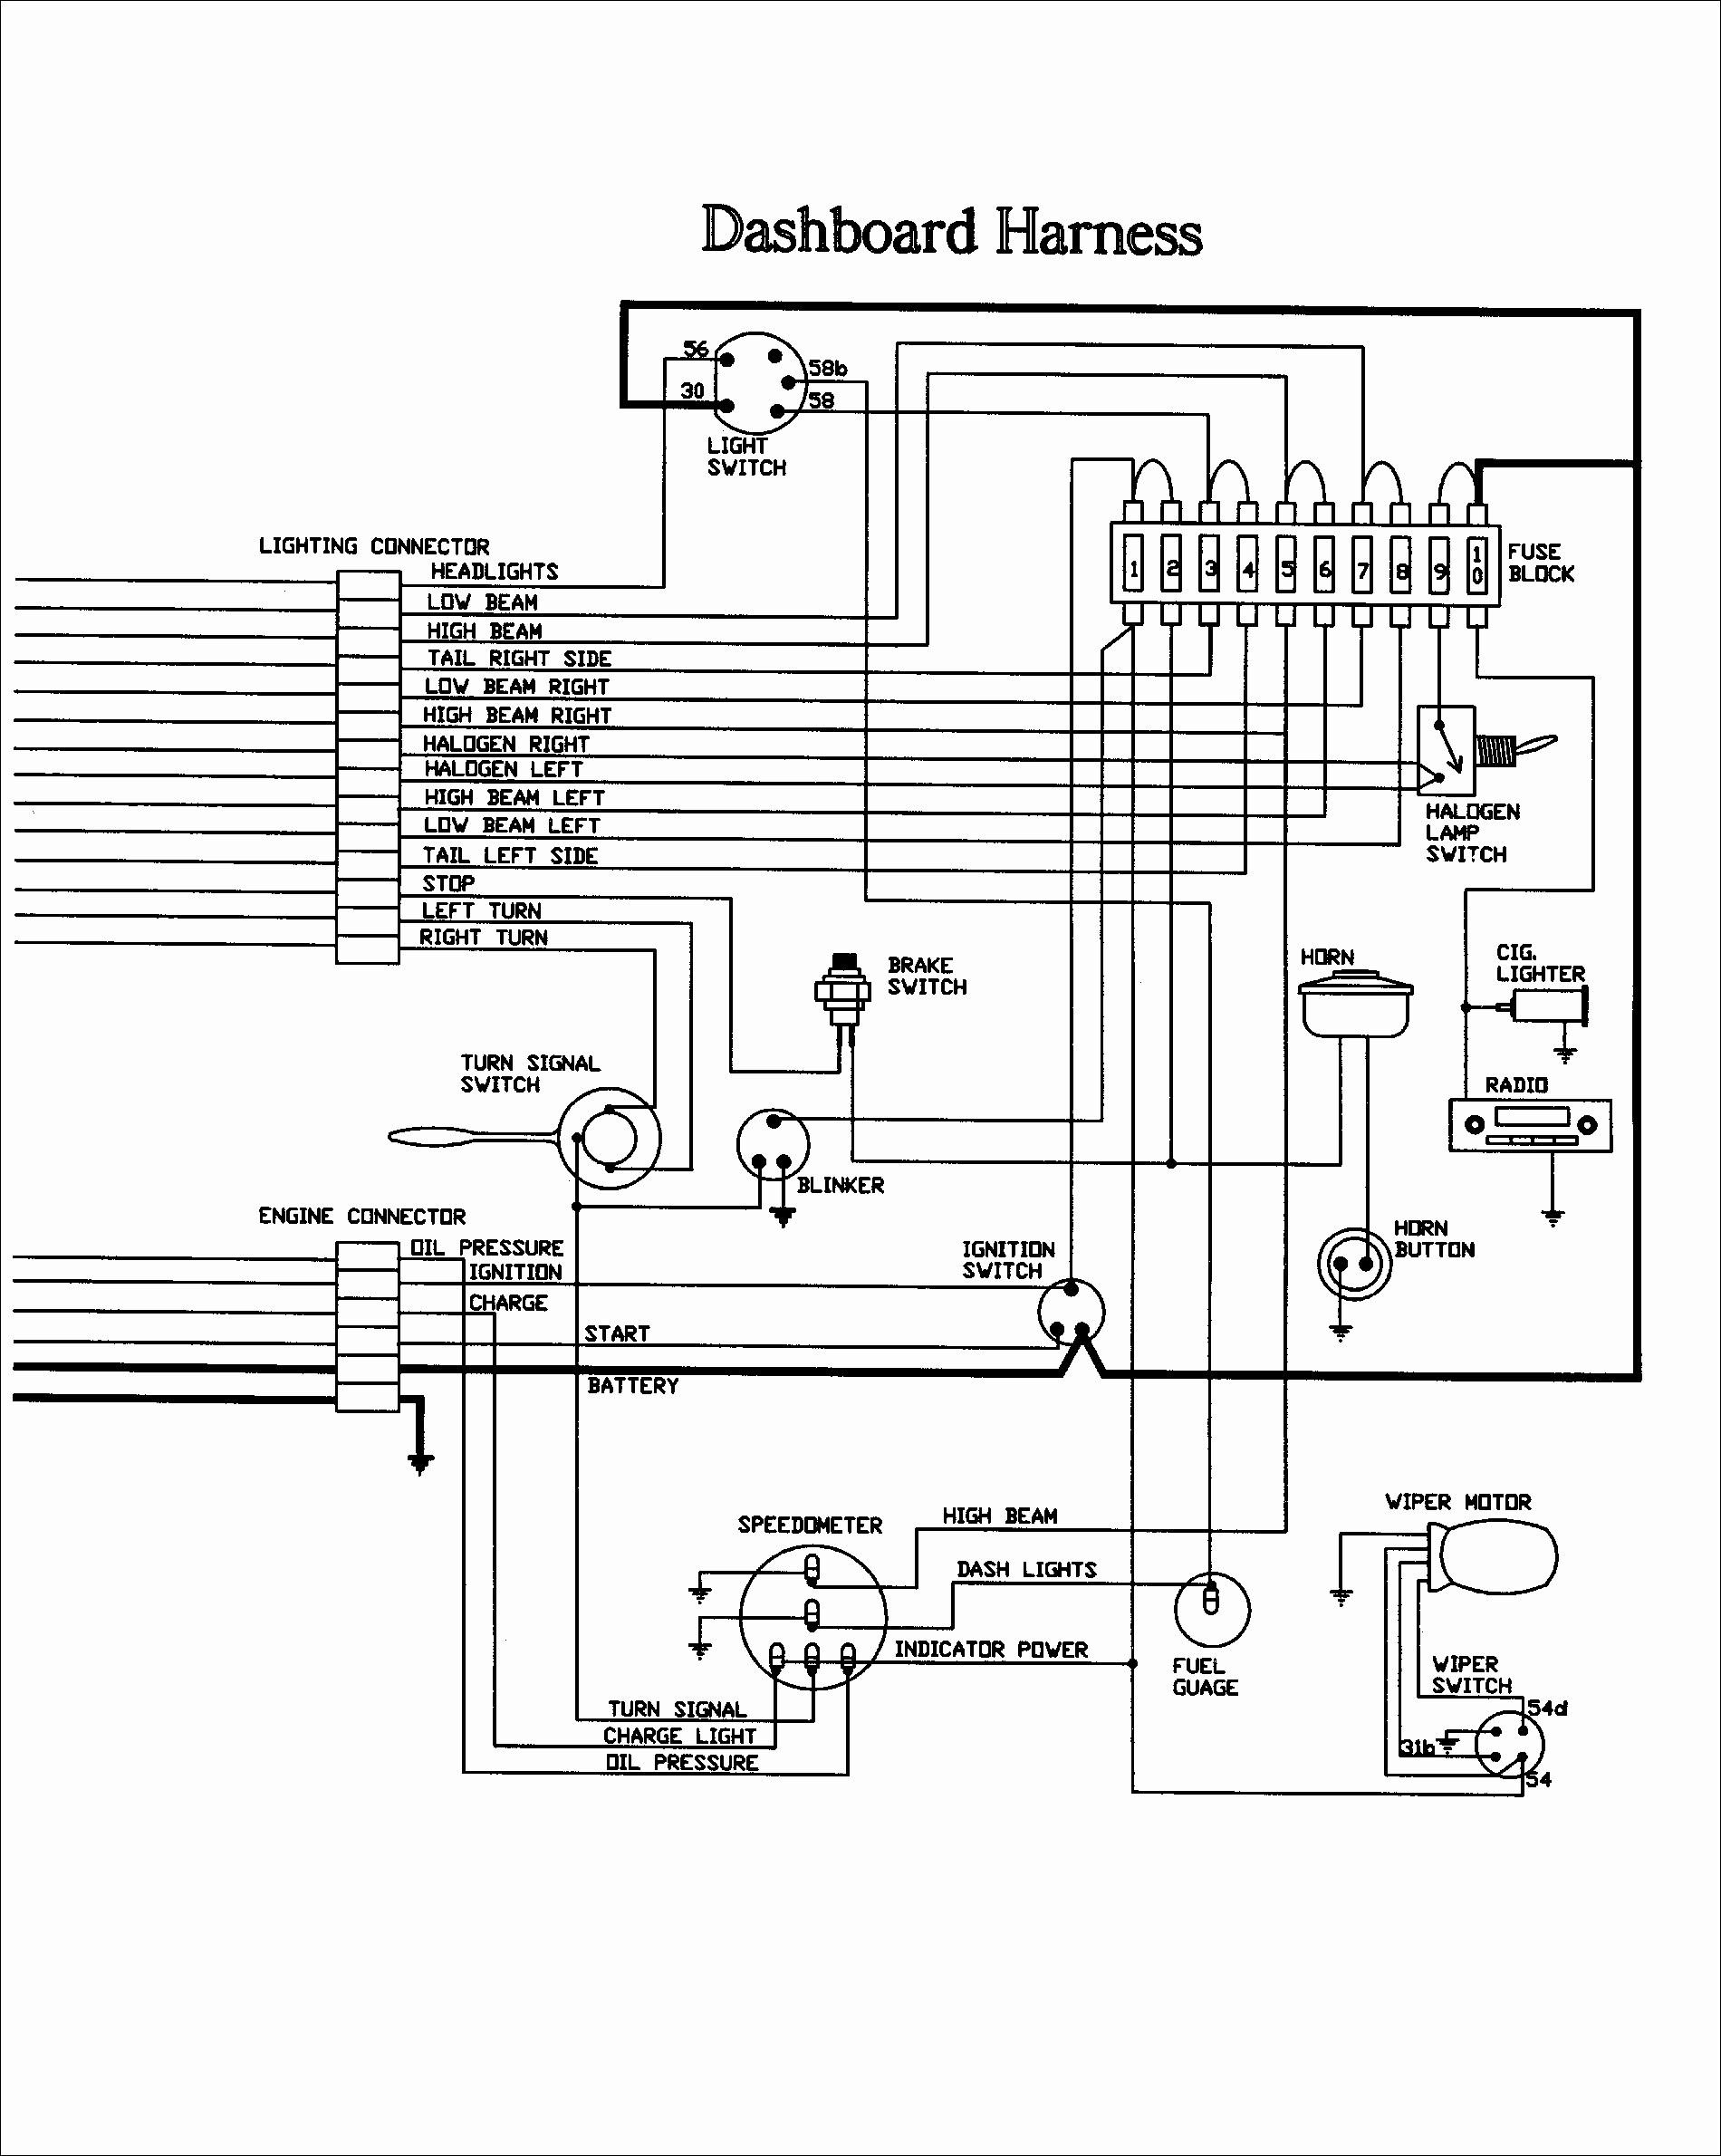 western plows wiring diagram wirings diagramwestern plow controller wiring diagram for 2970 16 wiring diagrams western plows wiring diagram